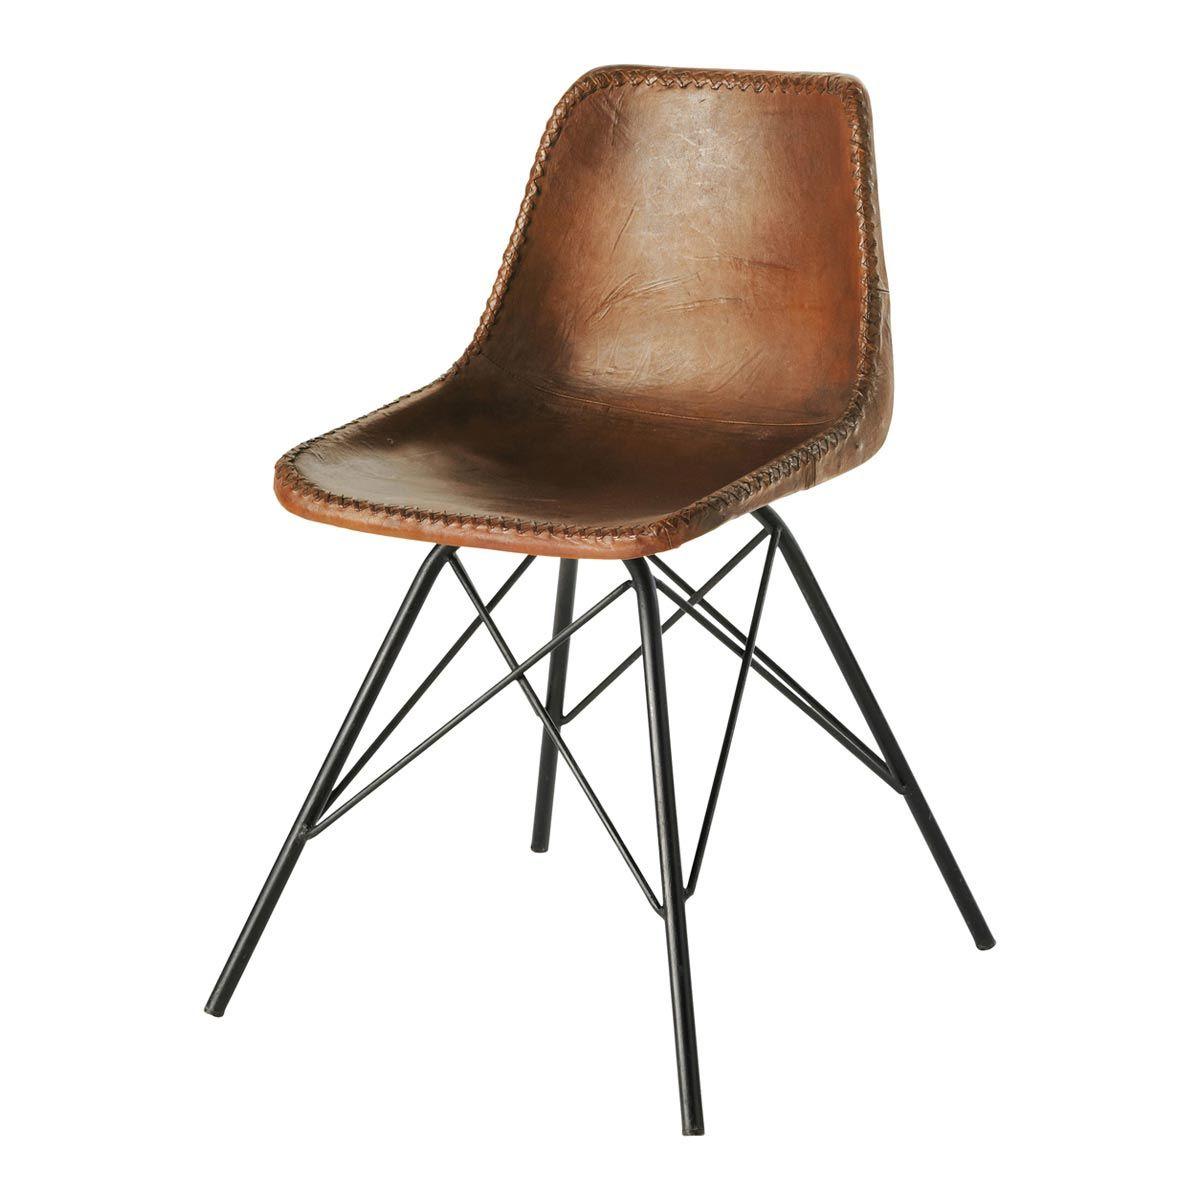 Bruin Lederen Kuipstoelen.Industriele Stoel Van Bruin Leer Wonen Brown Leather Chairs